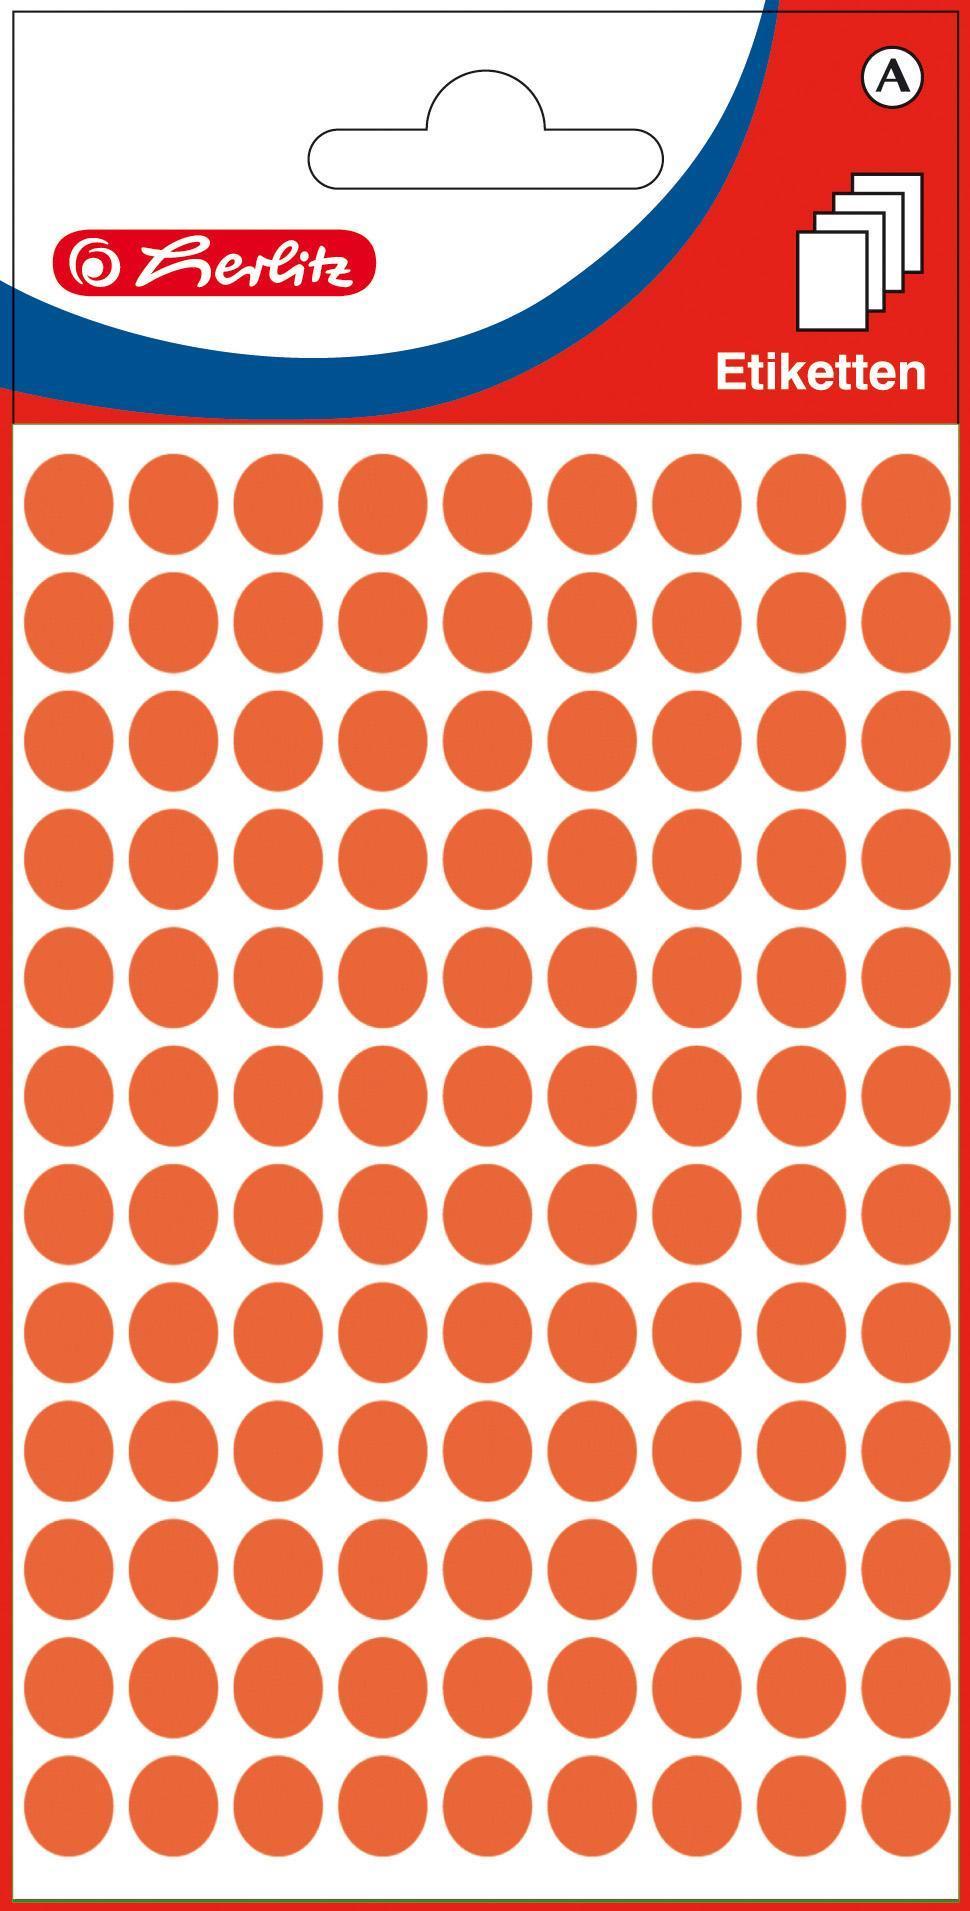 Rote Klebepunkte